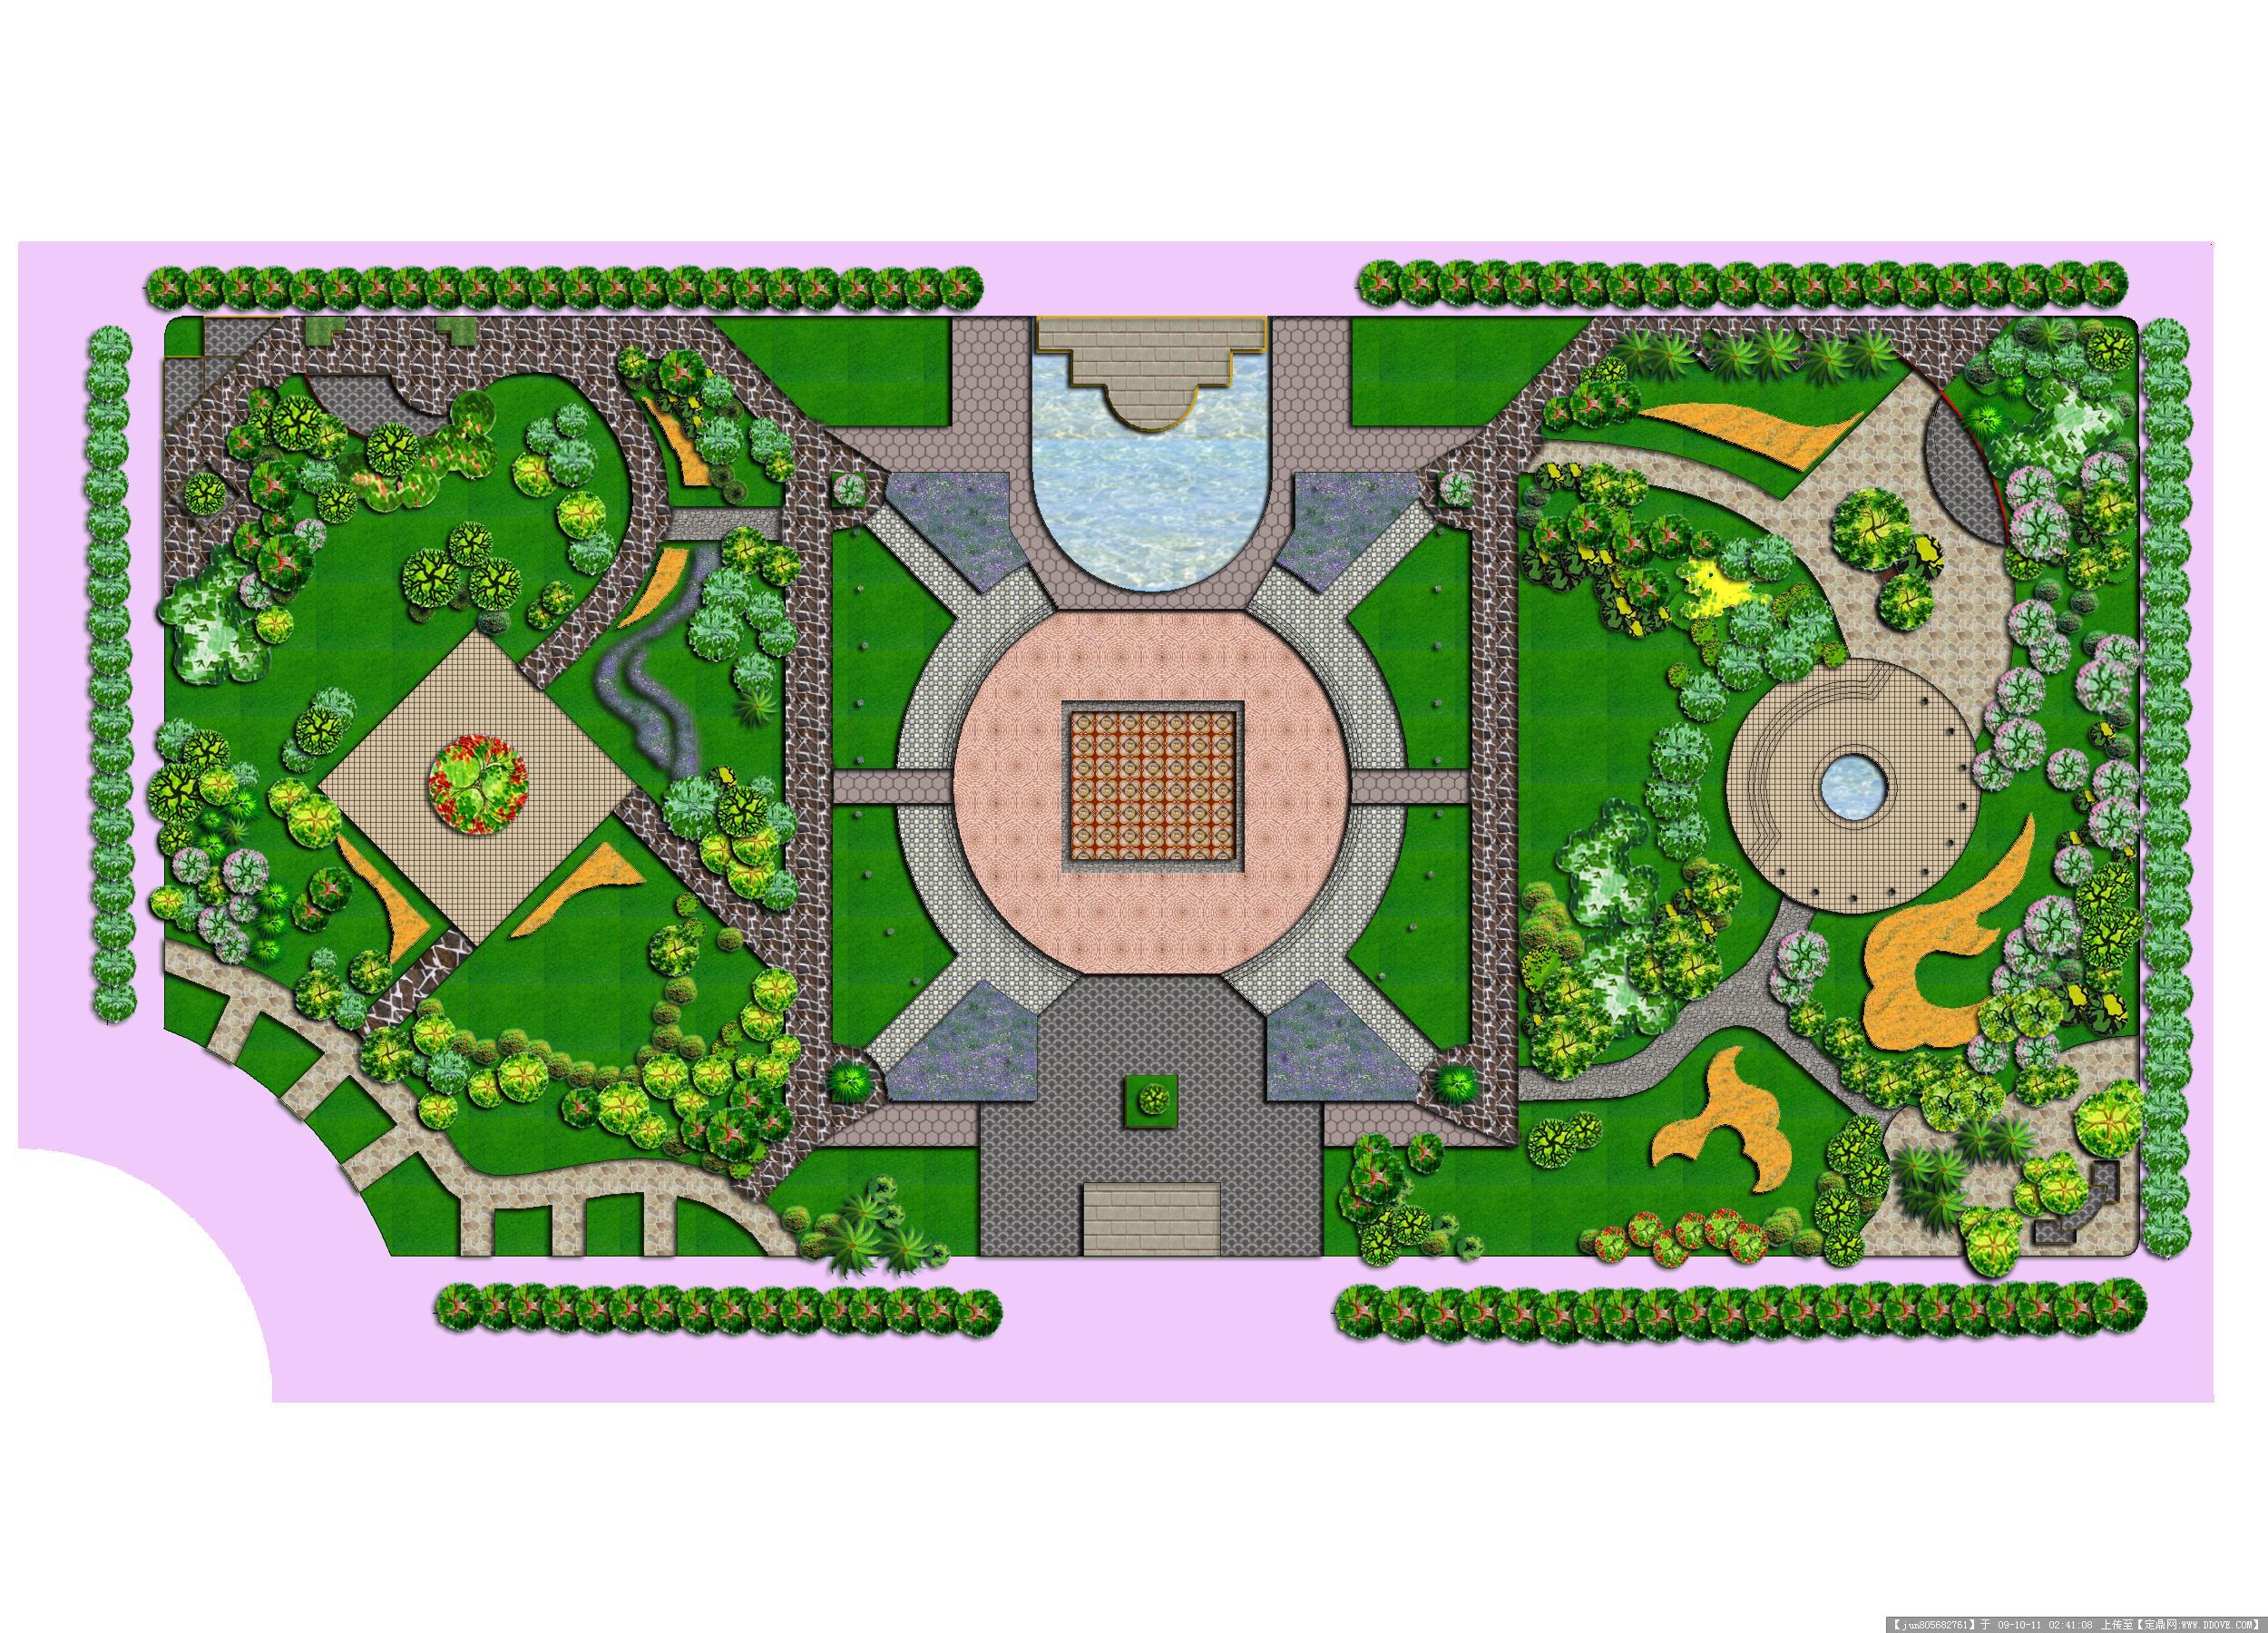 几张景观绿化效果图-ps景观效果图.jpg